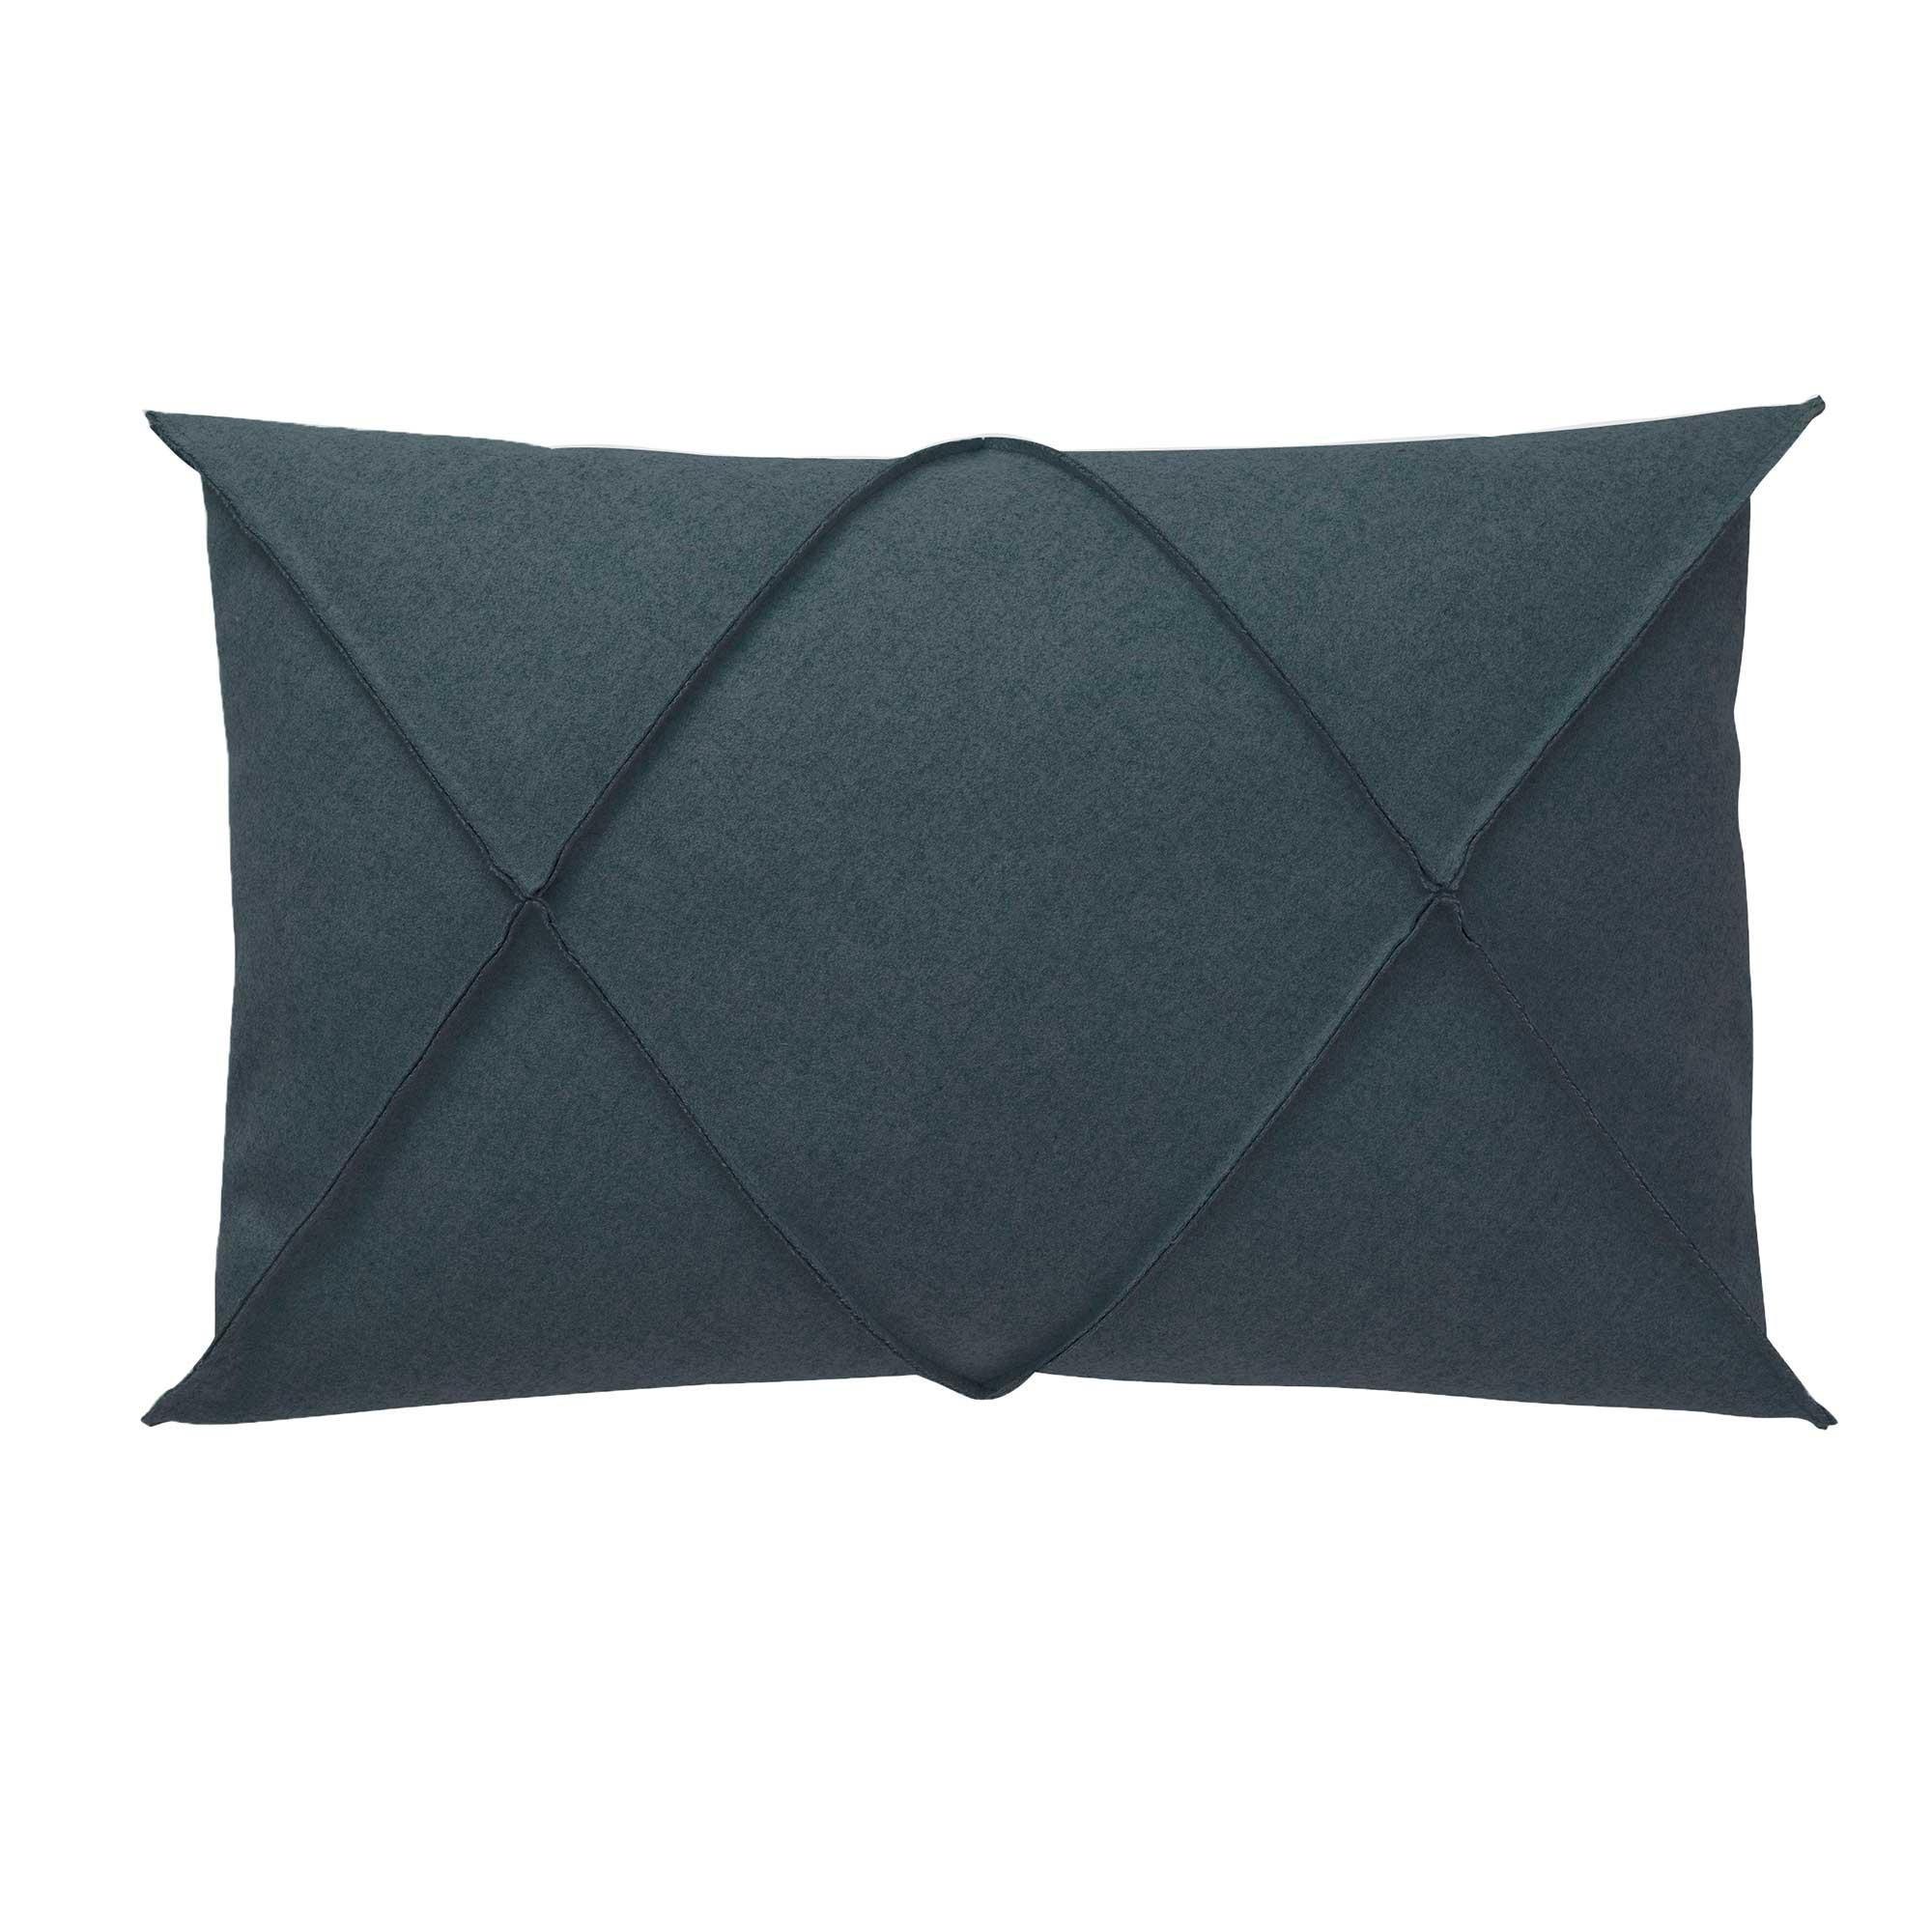 freistil rolf benz freistil 179 kussen 65x42cm. Black Bedroom Furniture Sets. Home Design Ideas